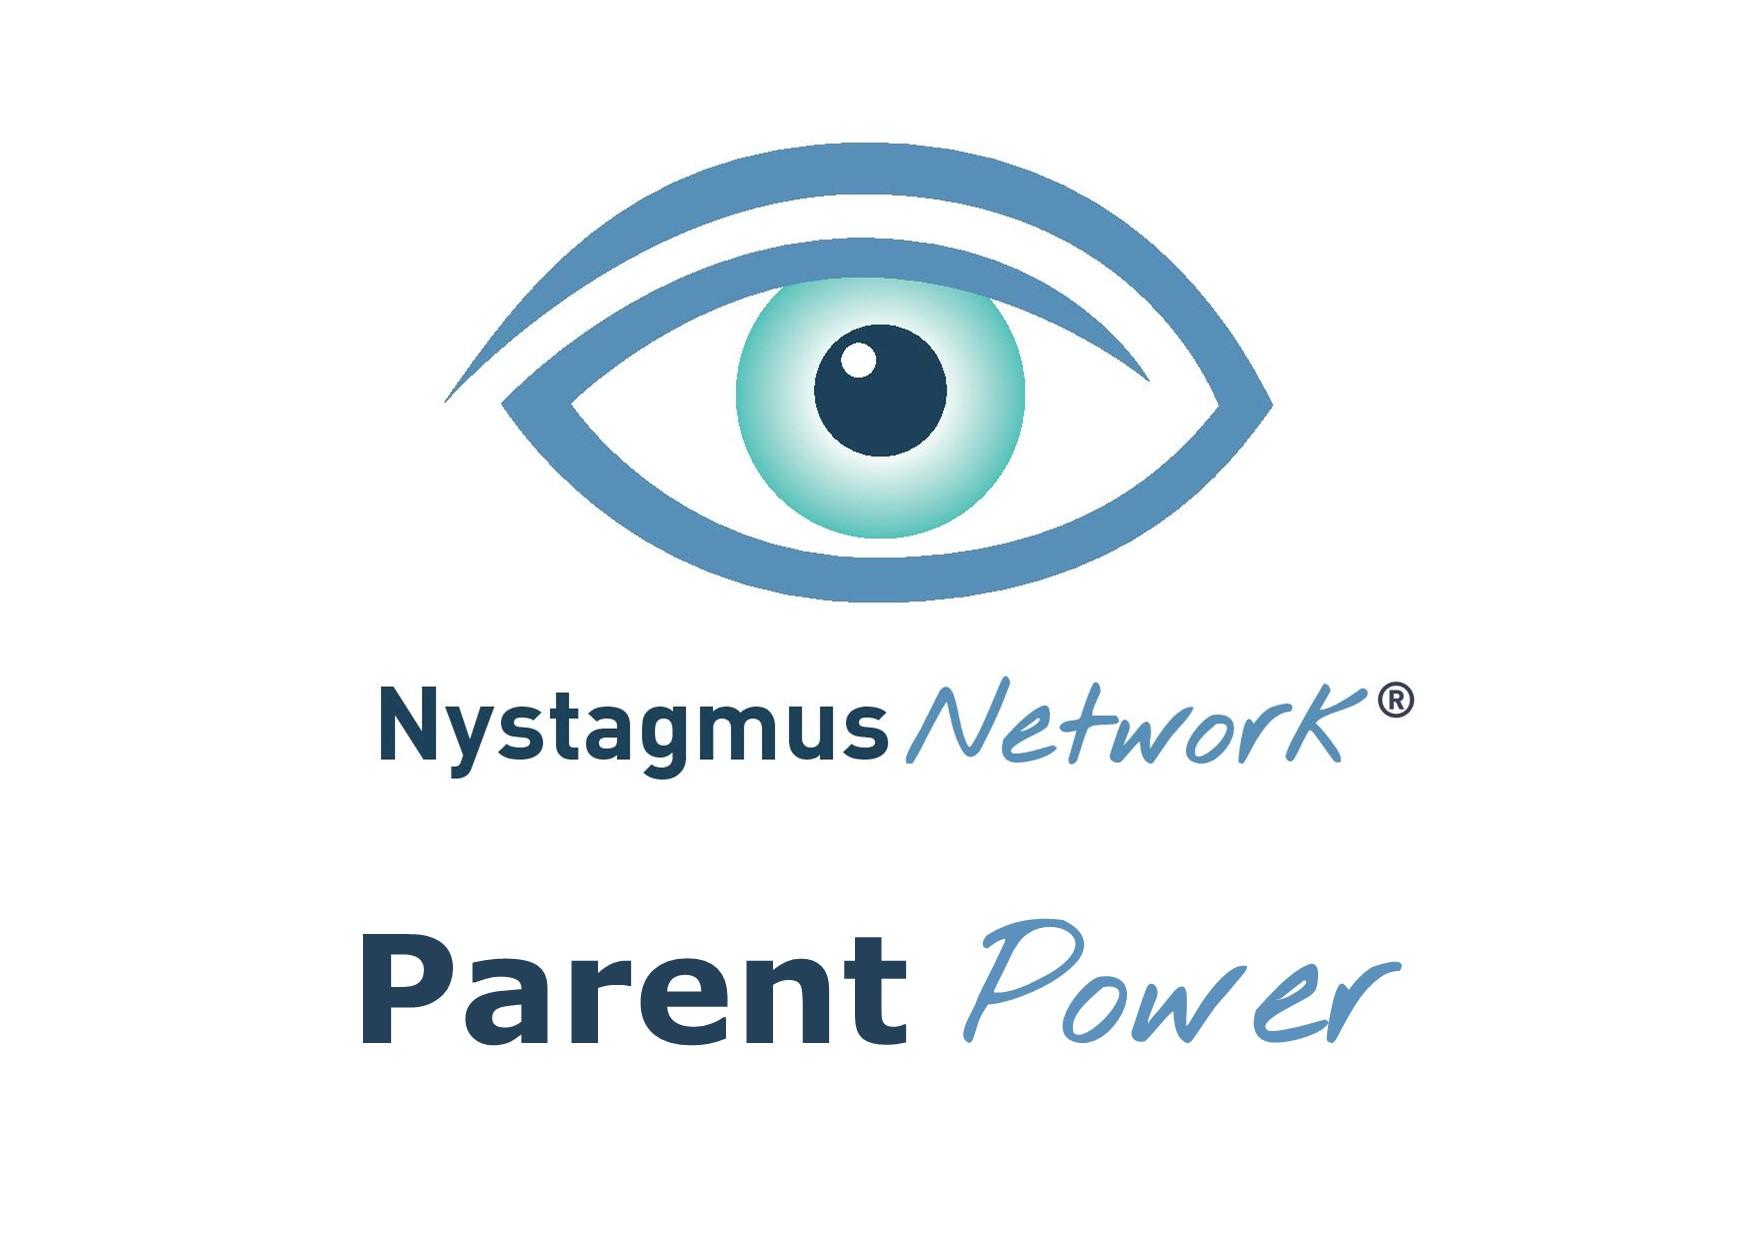 Parent Power is back!